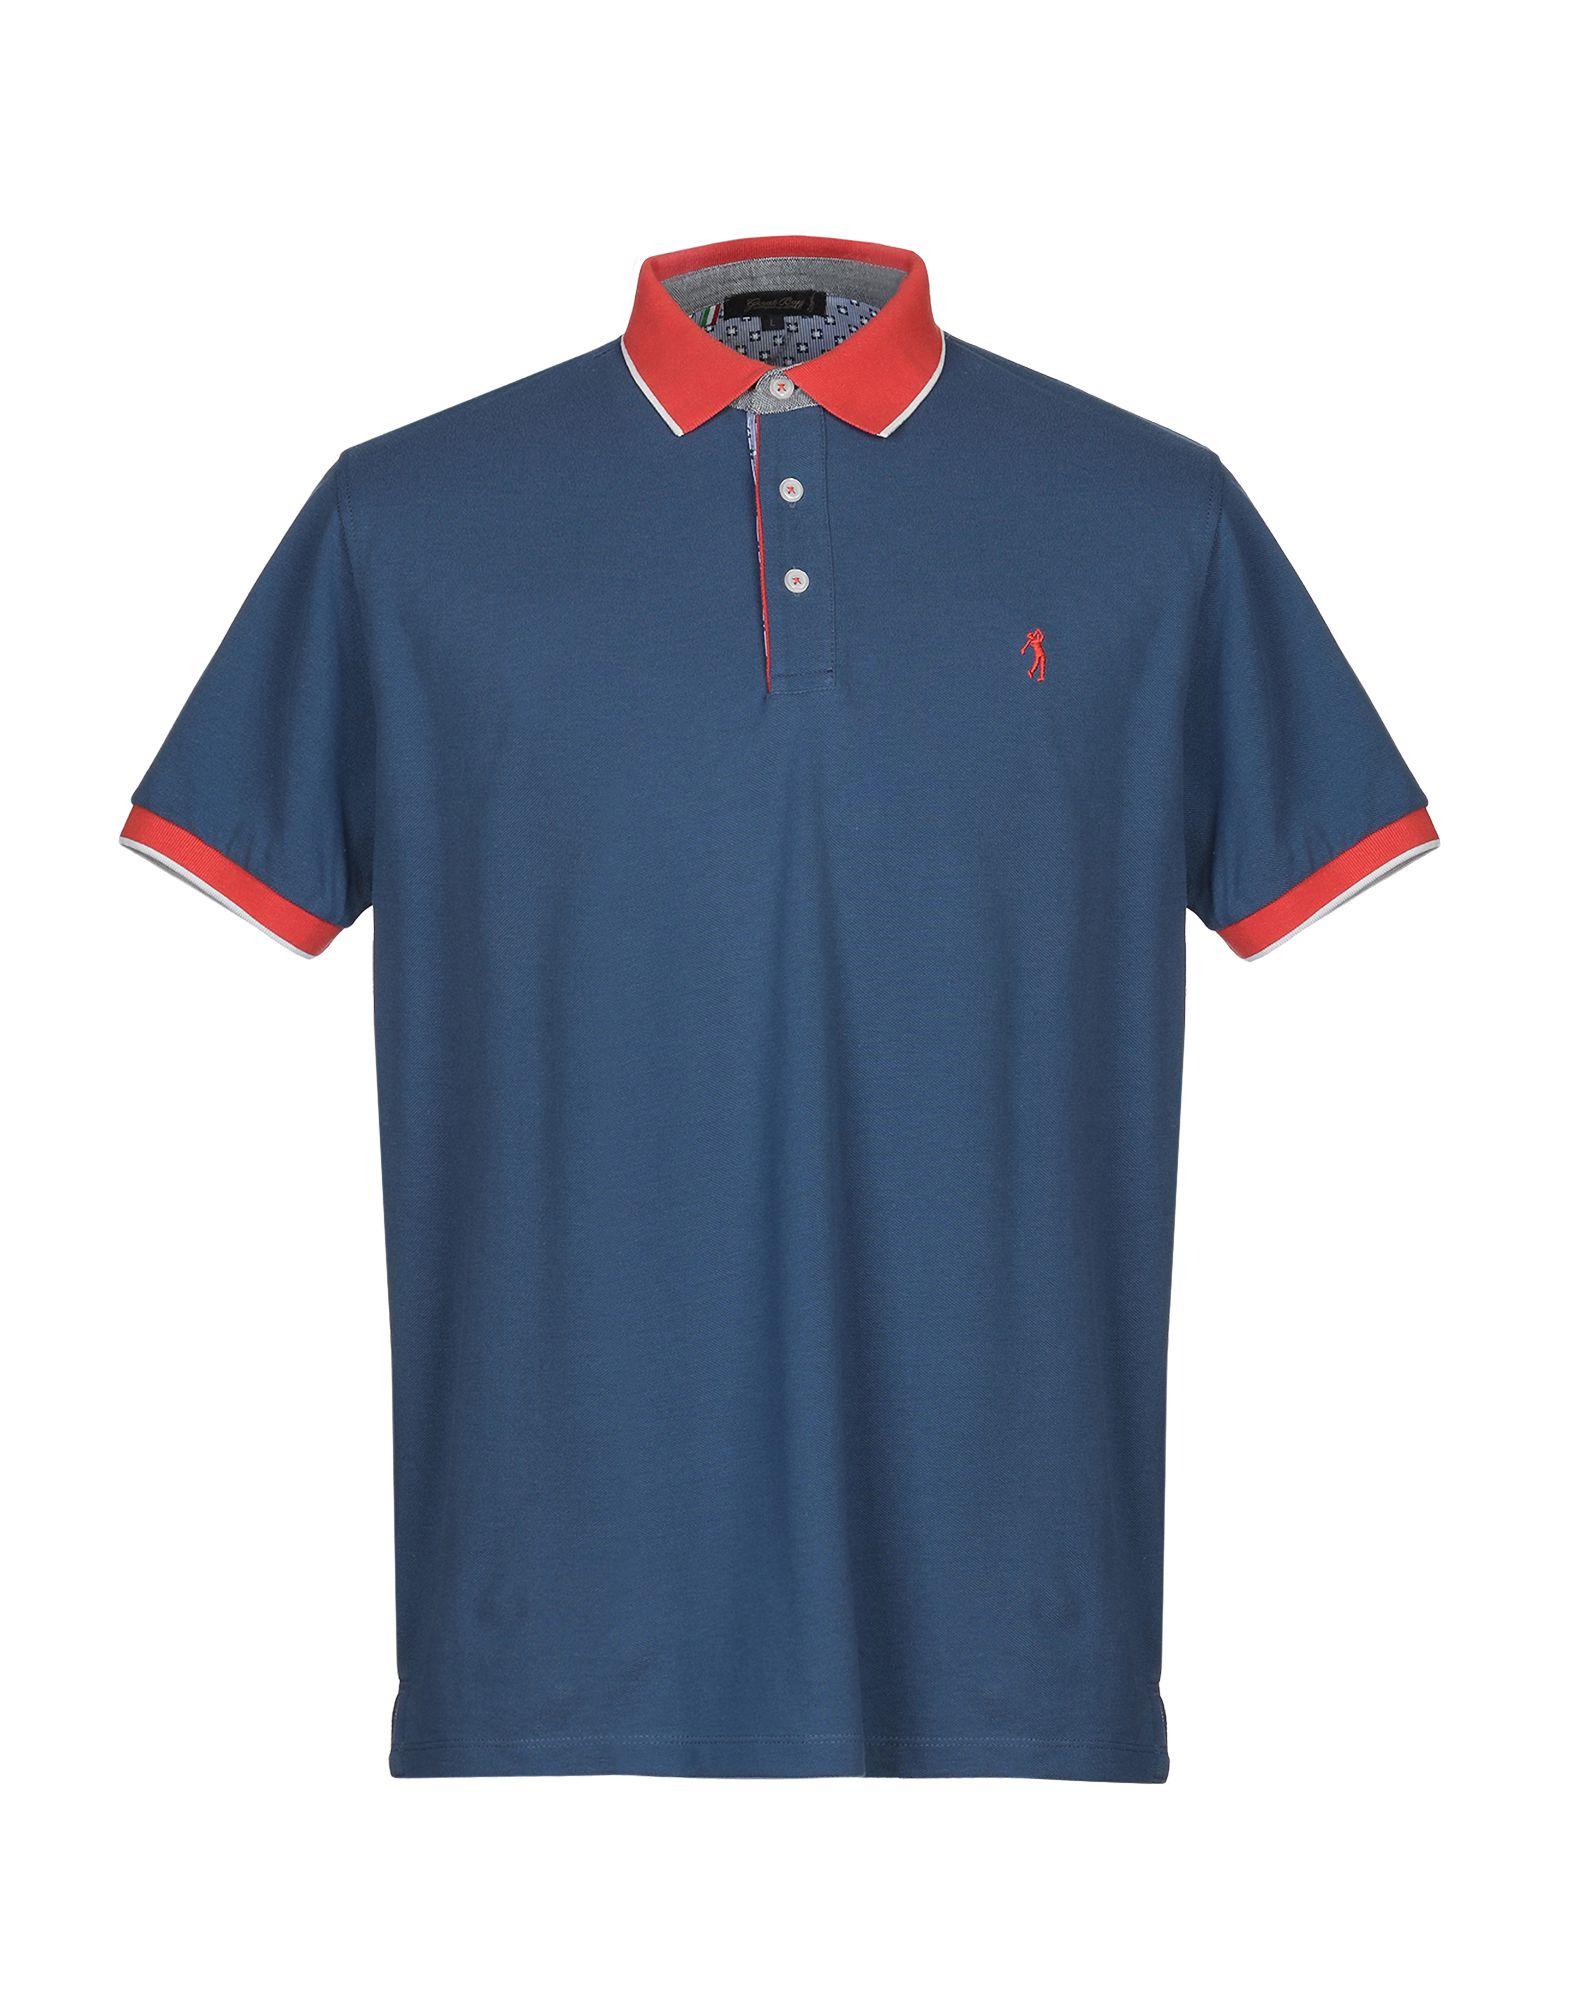 《送料無料》GREAT BAY メンズ ポロシャツ ブルーグレー XXL コットン 100%